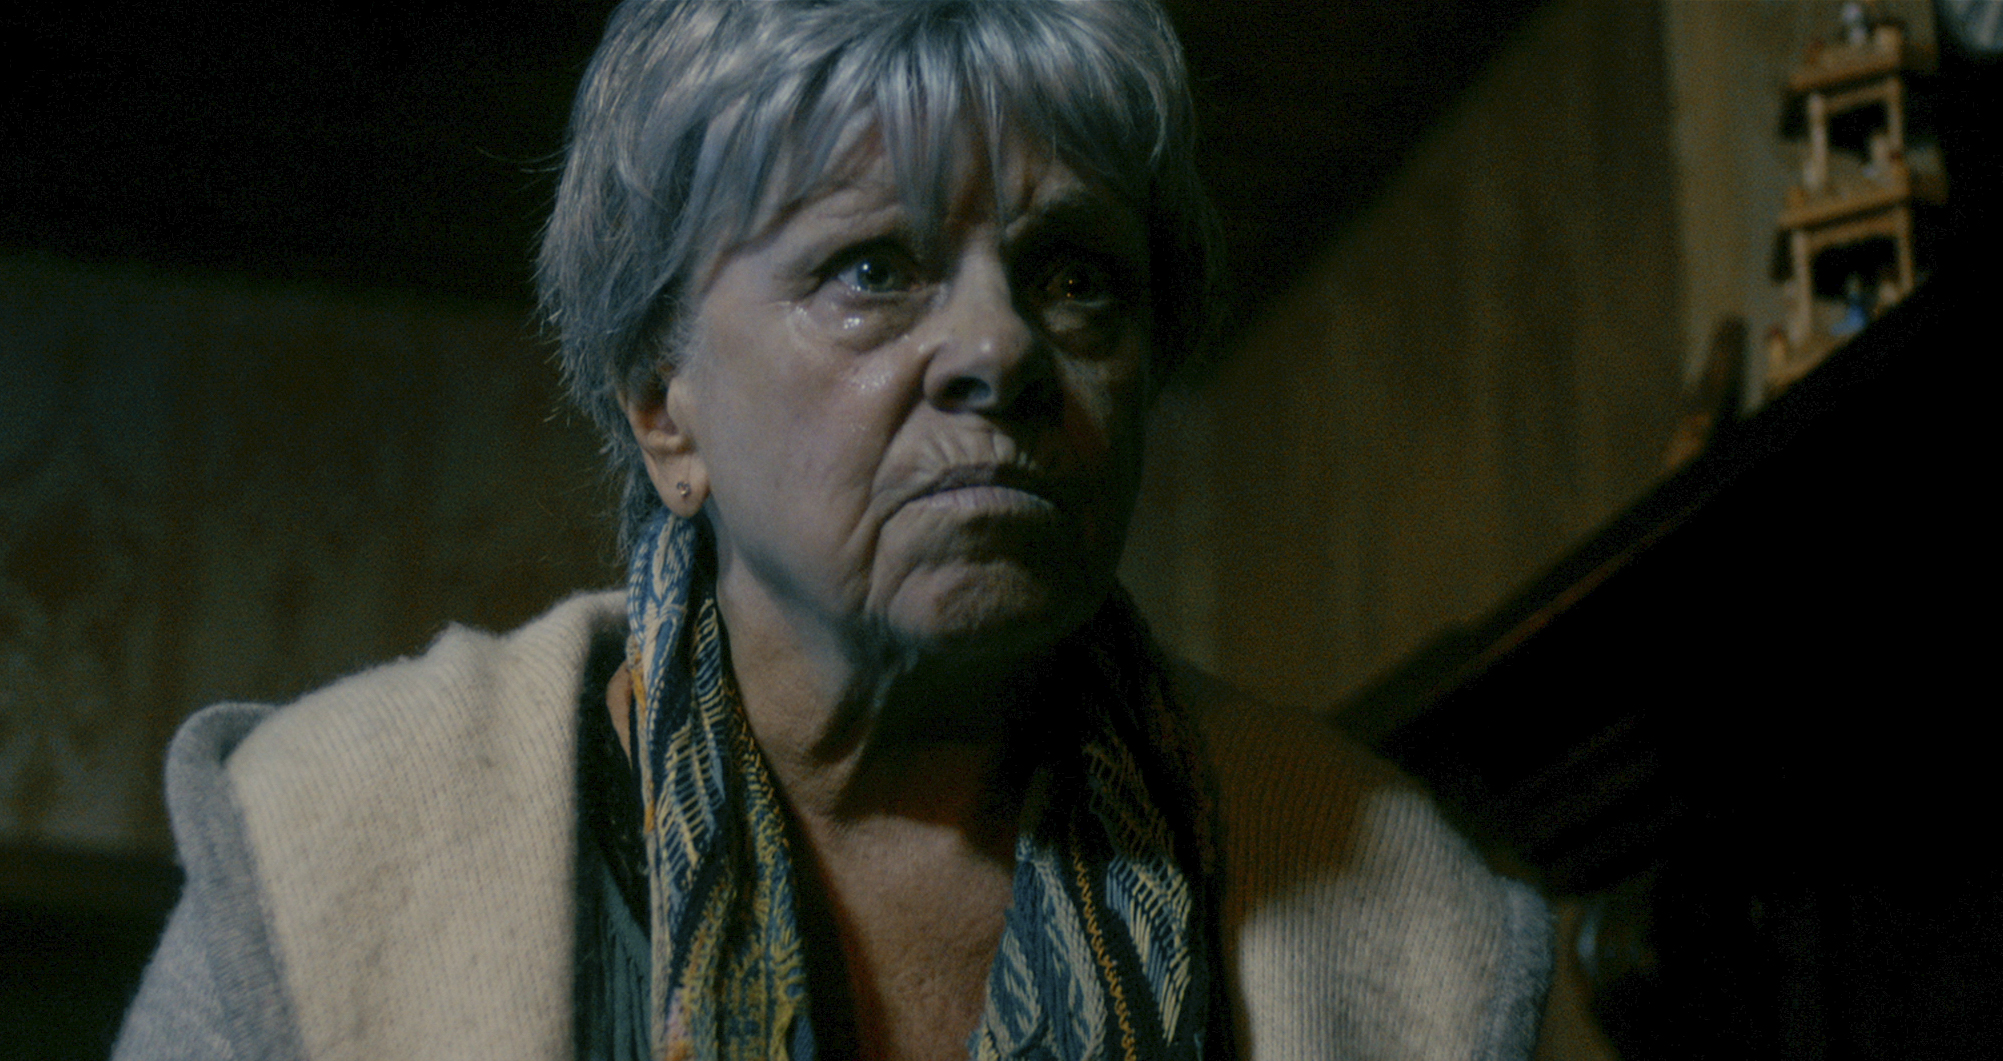 Mum (Lynette) angry